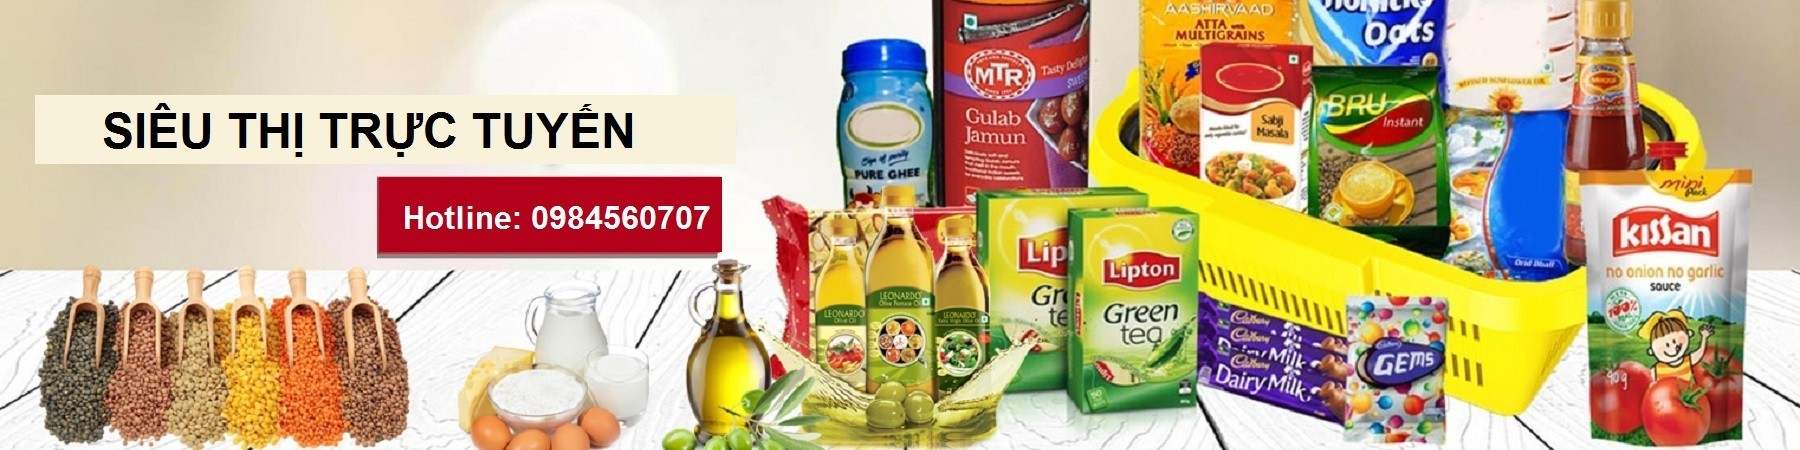 Điện máy, thực phẩm nhập khẩu Châu âu, chất lượng cao,chính hãng.